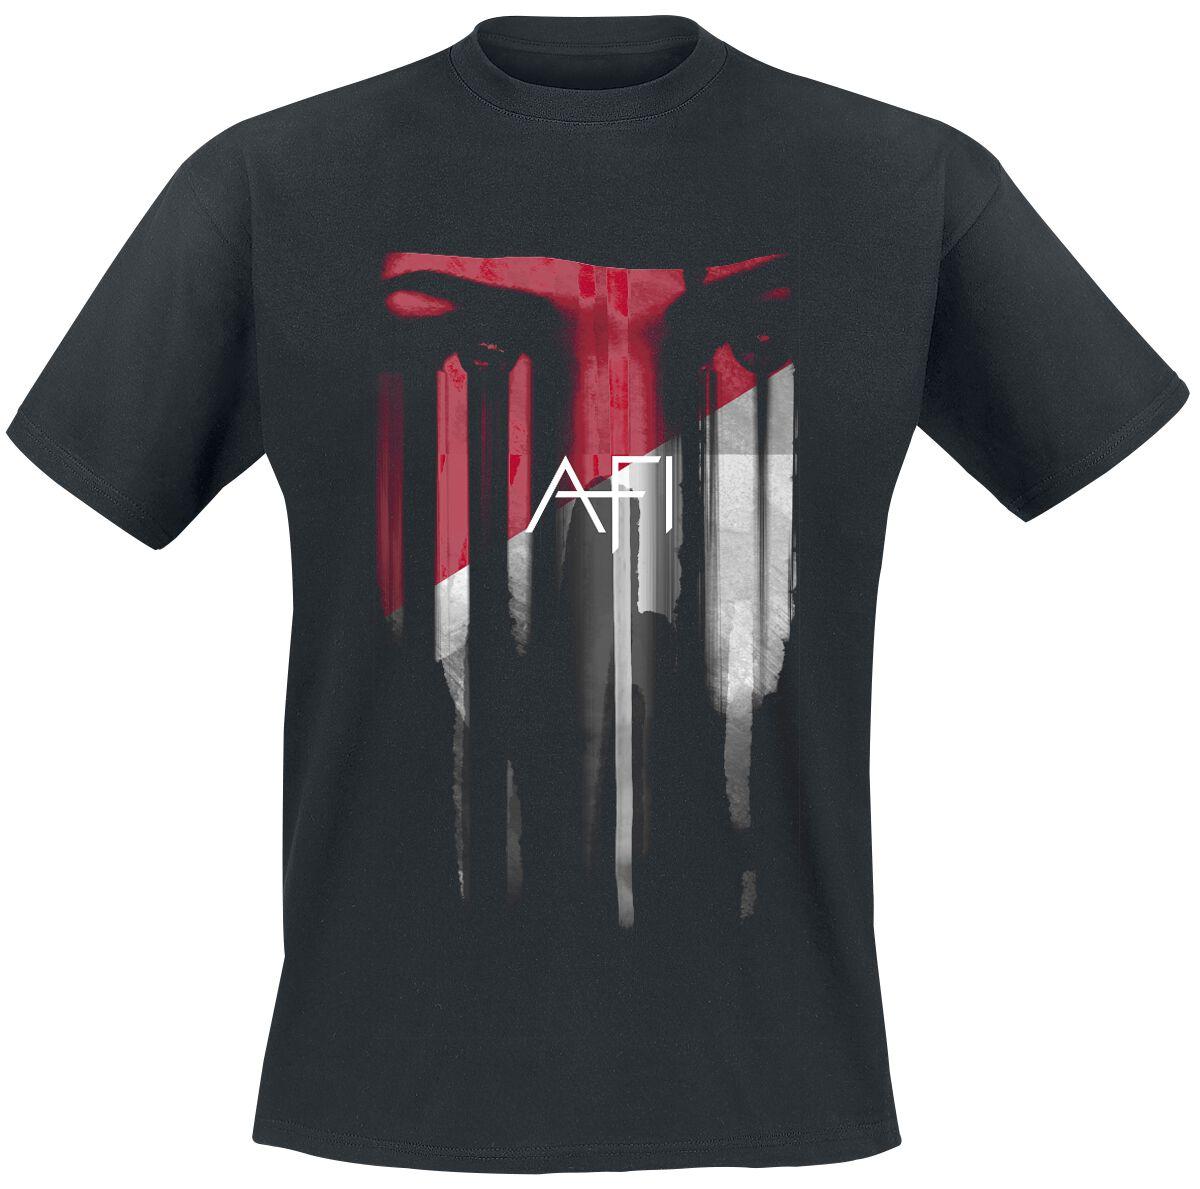 Zespoły - Koszulki - T-Shirt Afi Red Eyes T-Shirt czarny - 362193